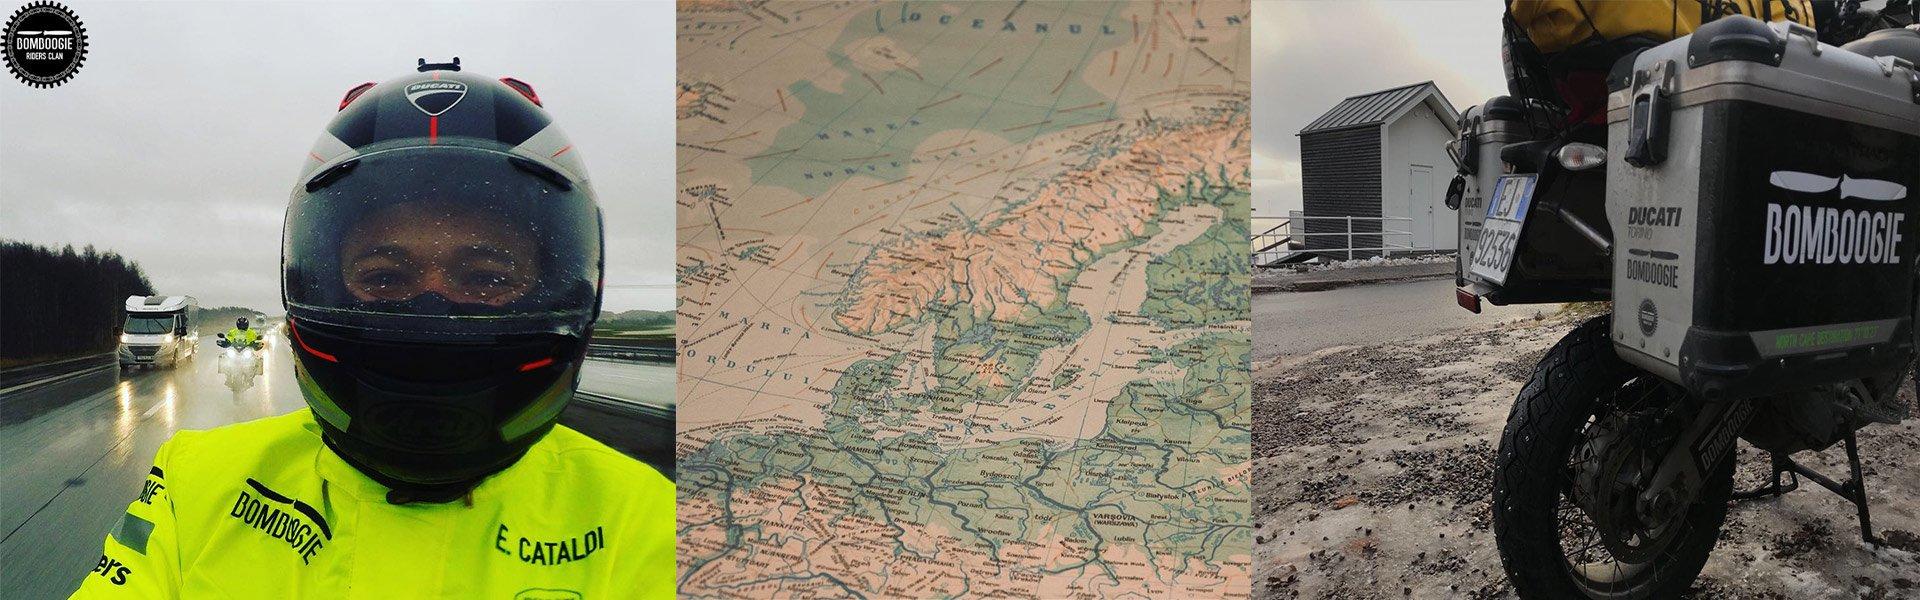 <font face='DIN Condensed' size='7' >Attraverso la Danimarca.</font>